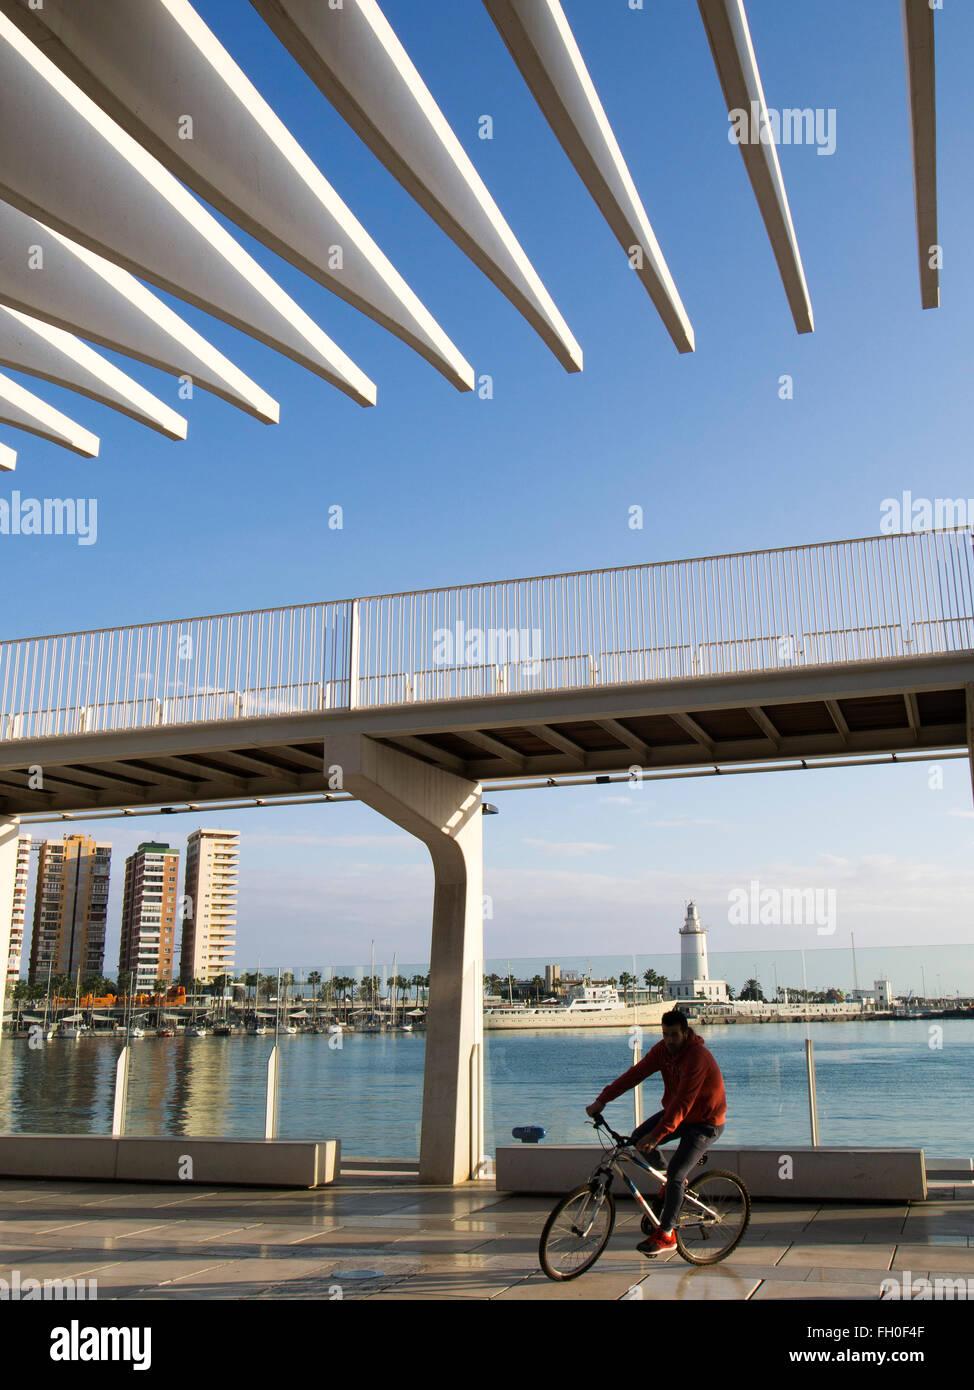 Muelle Uno seaside promenade port, Malaga city Costa del Sol. Andalusia southern Spain Stock Photo